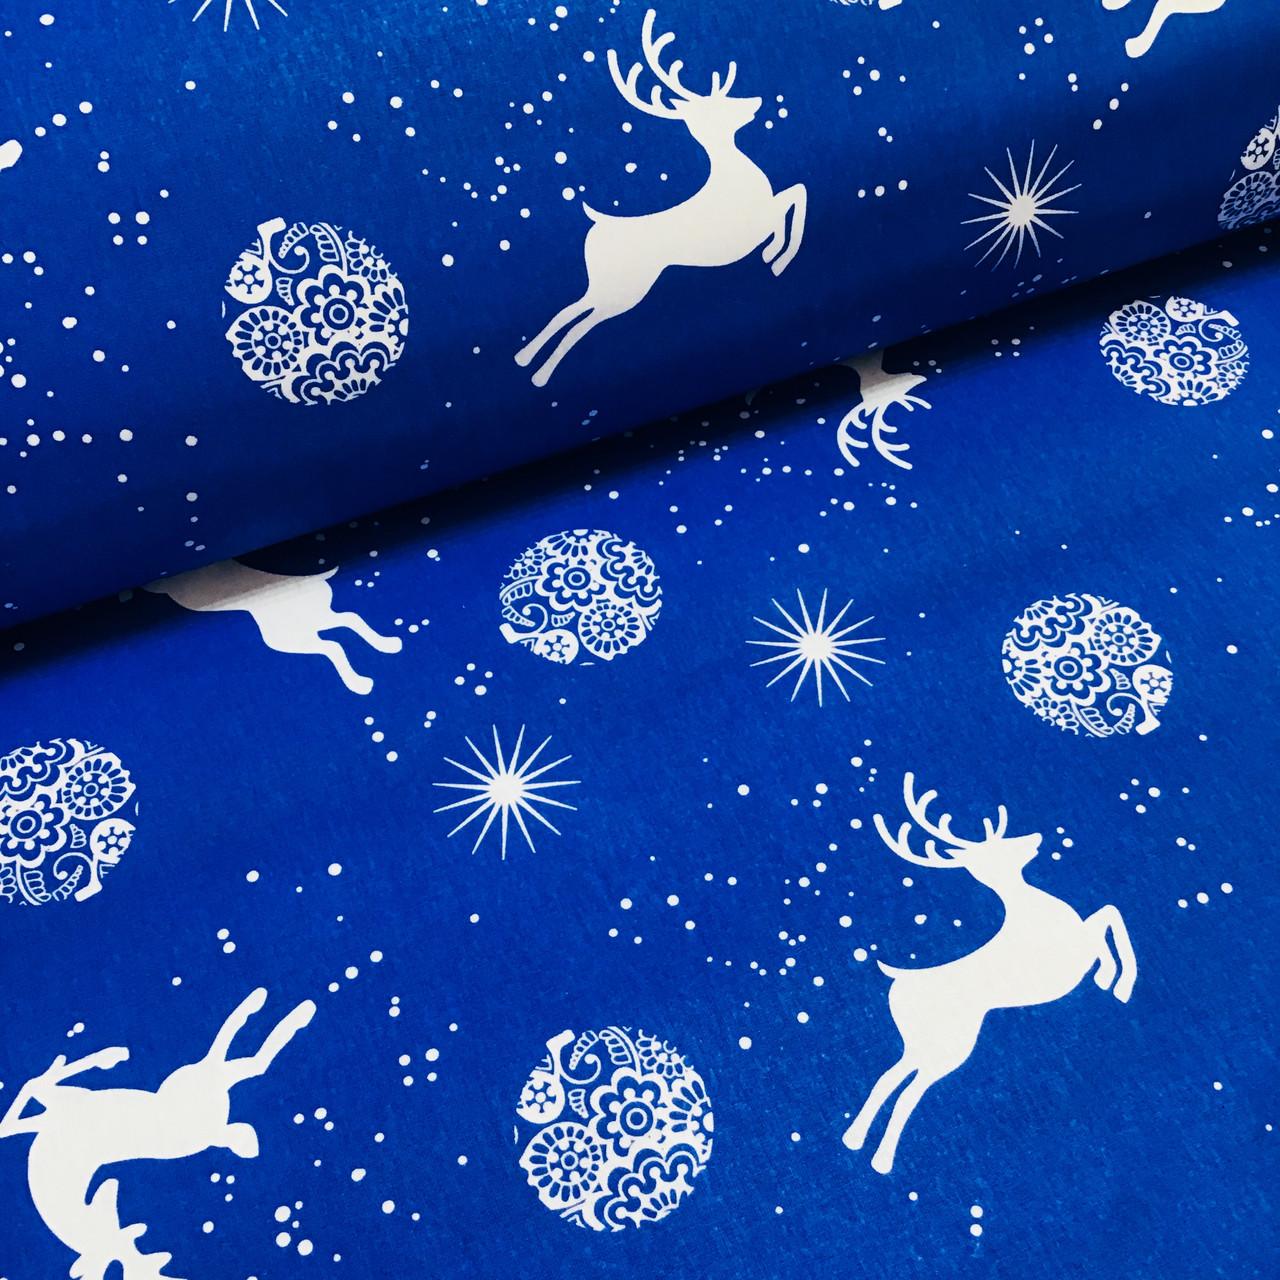 Ткань новогодняя хлопковая, белые олени и игрушки на синем